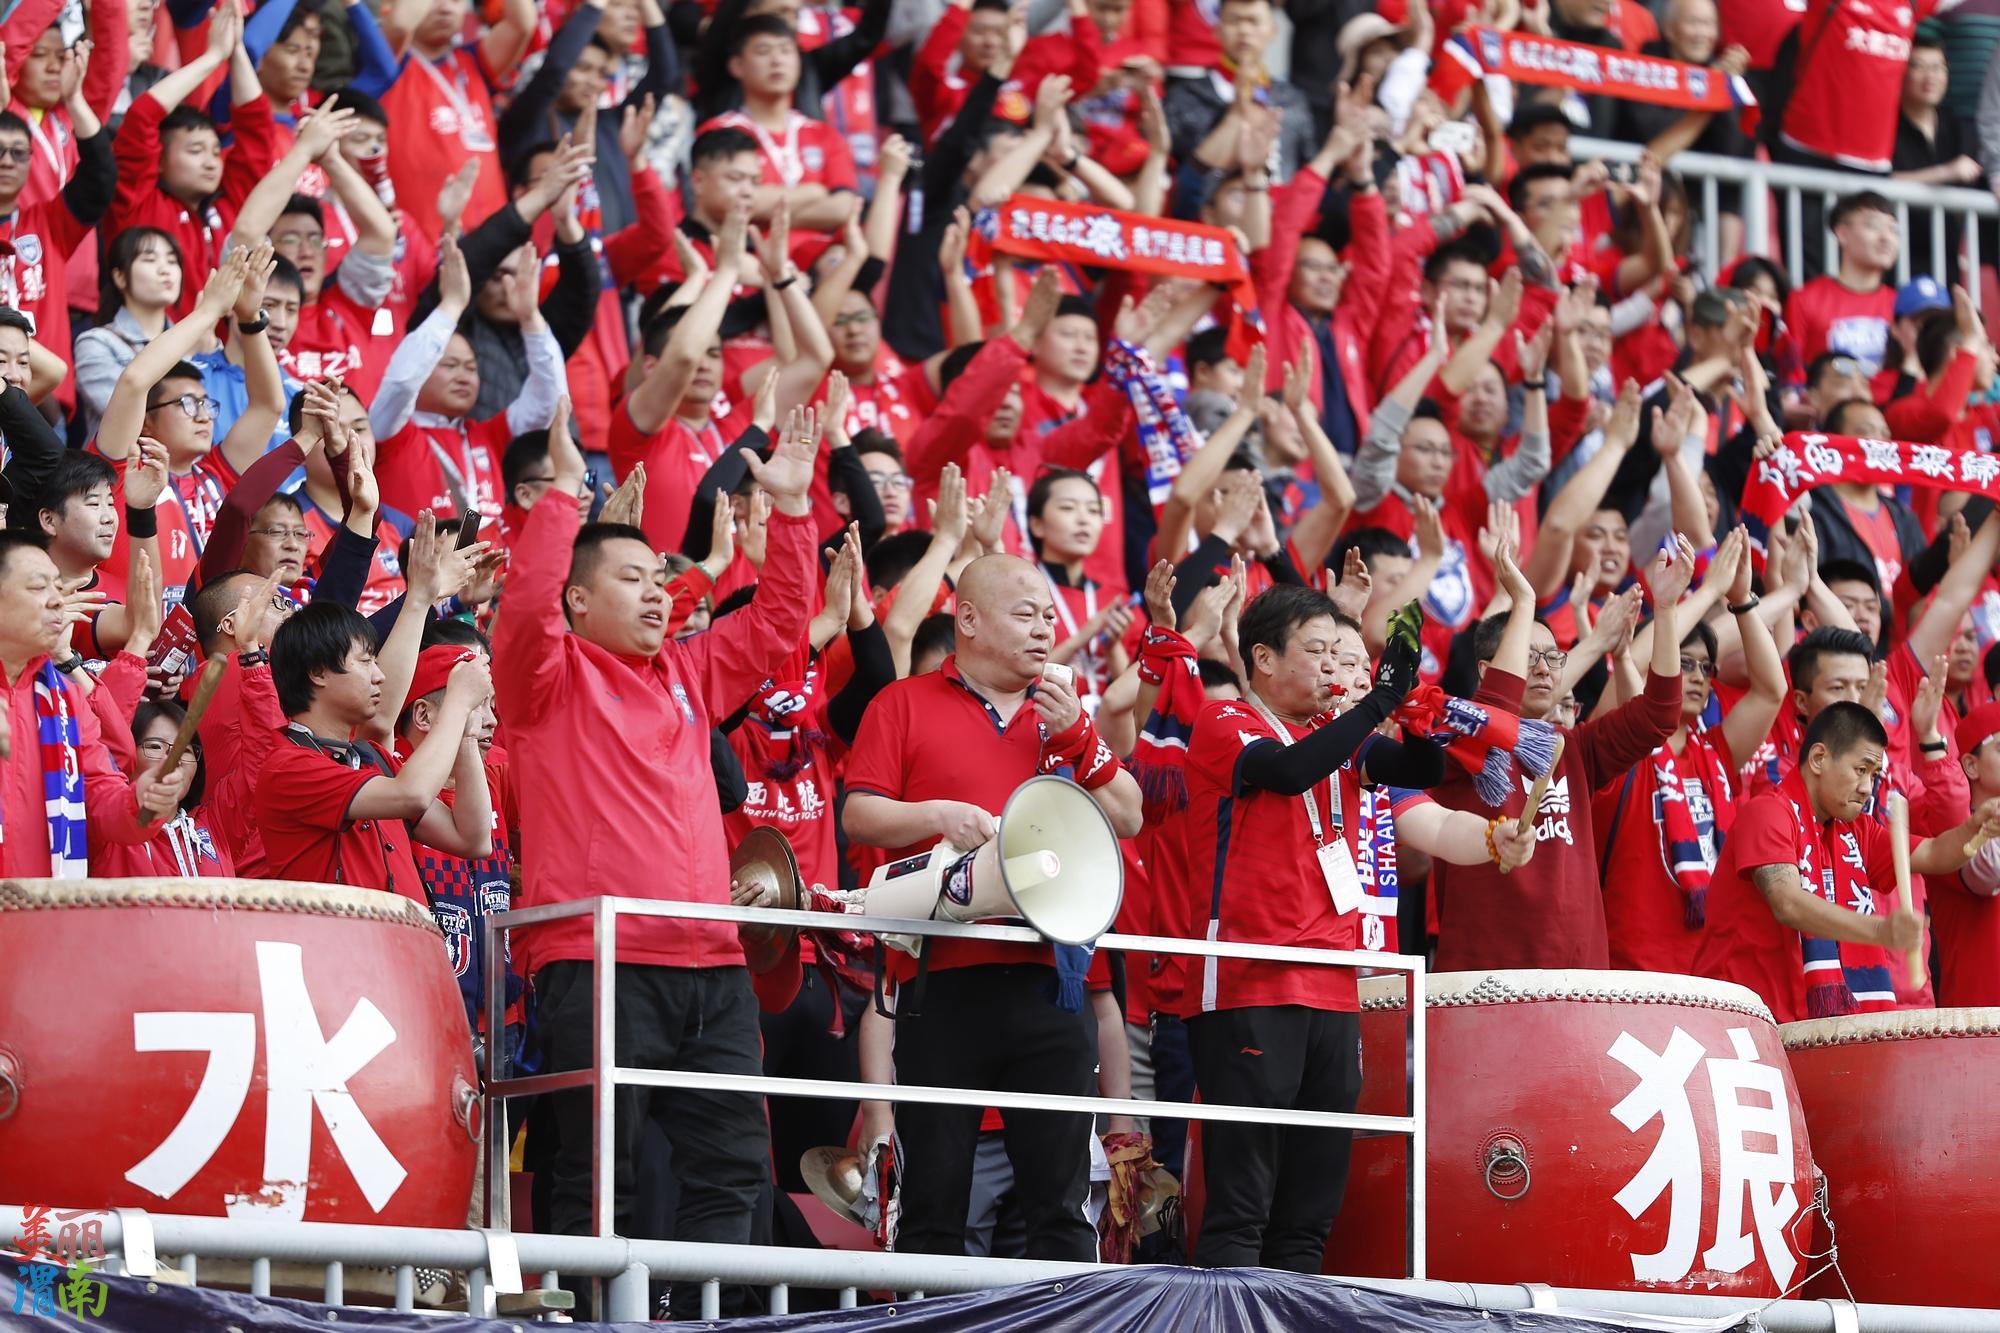 中甲联赛:3月23日陕西年夜秦之火队对阵浙江绿城队现场图集(上)